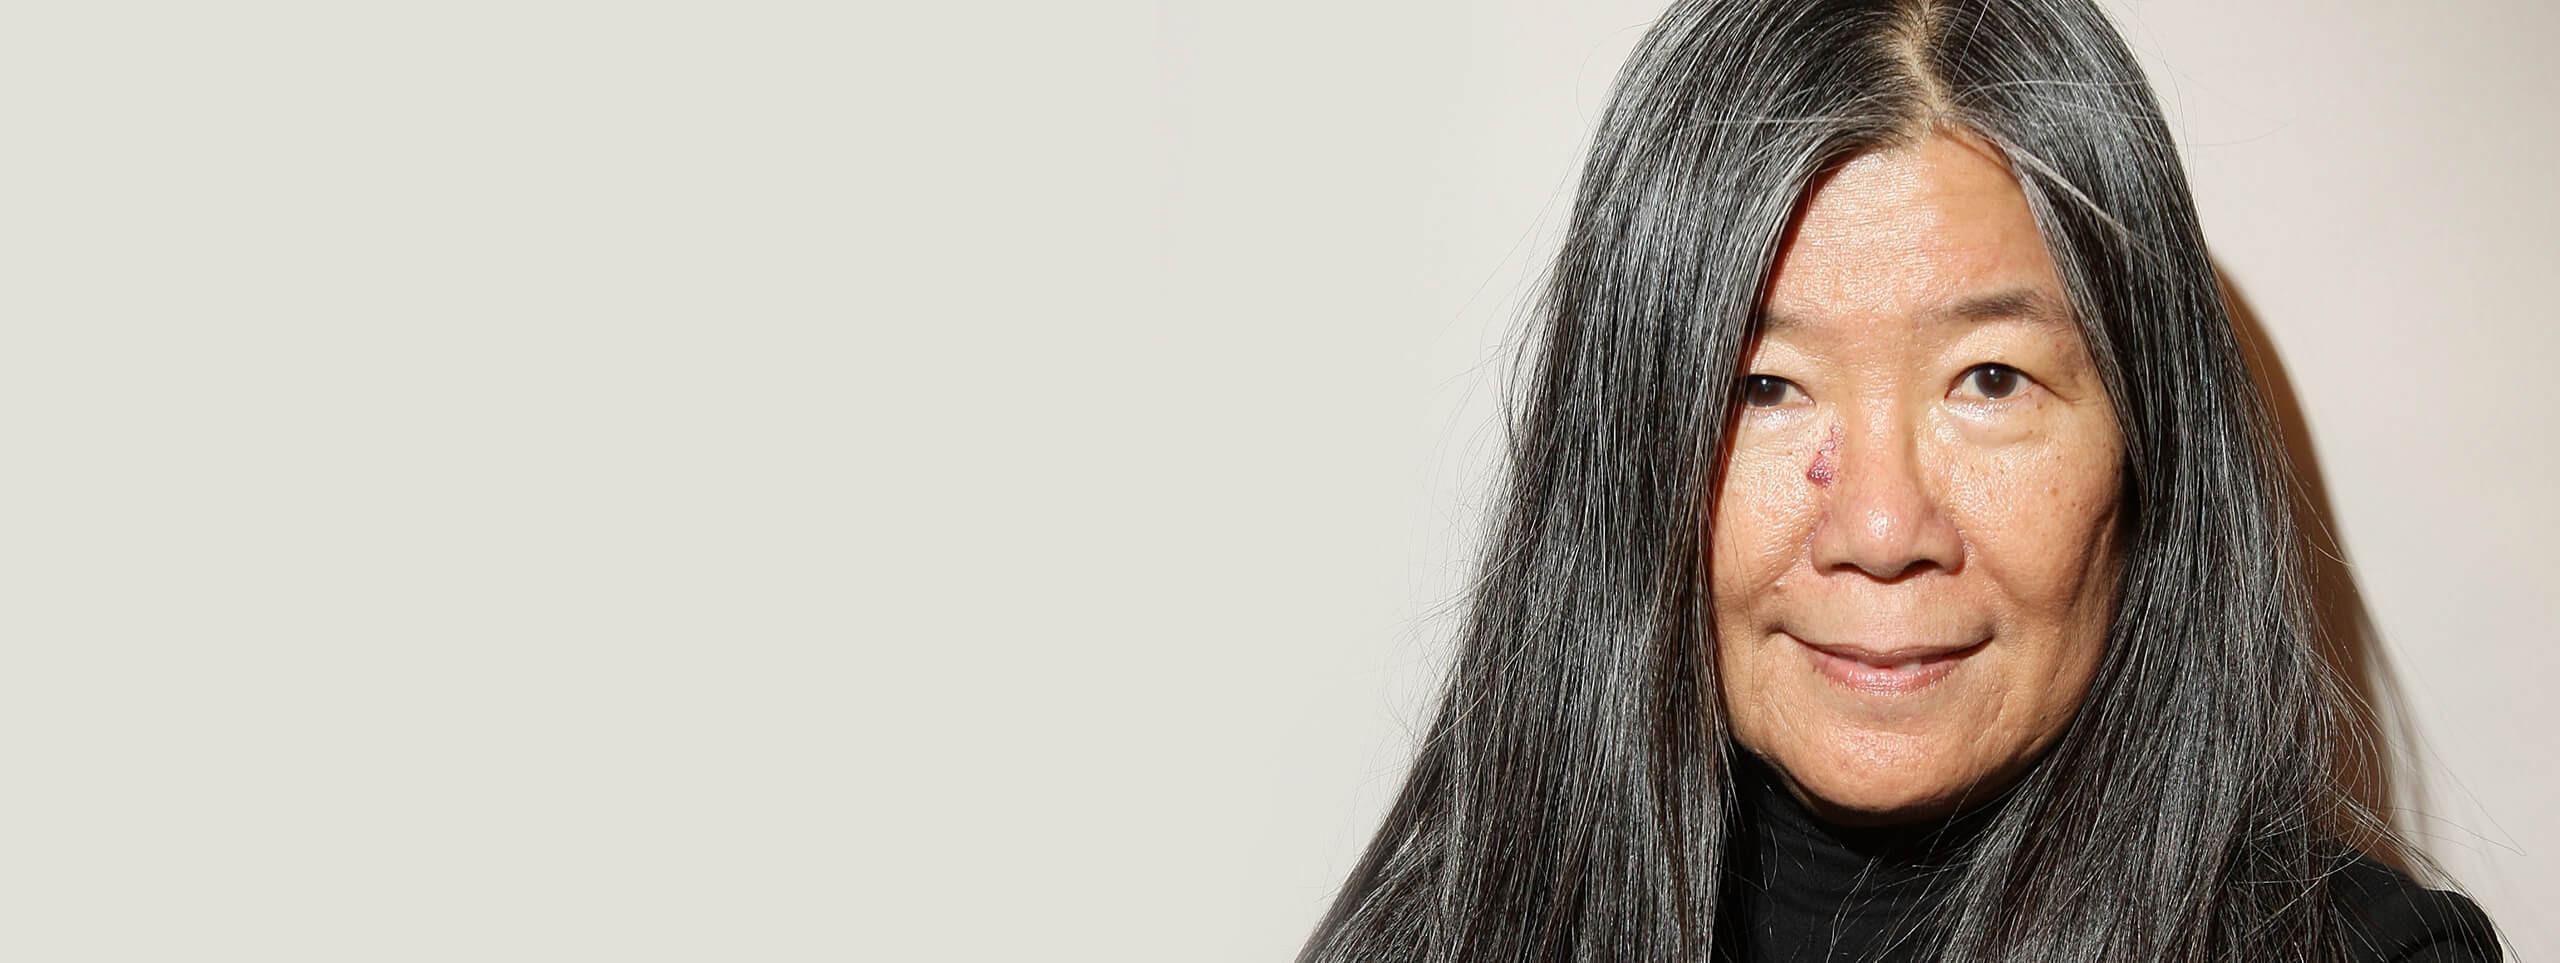 Graue Haare Frisuren Vorschläge  Moderne Frisuren für graue Haare